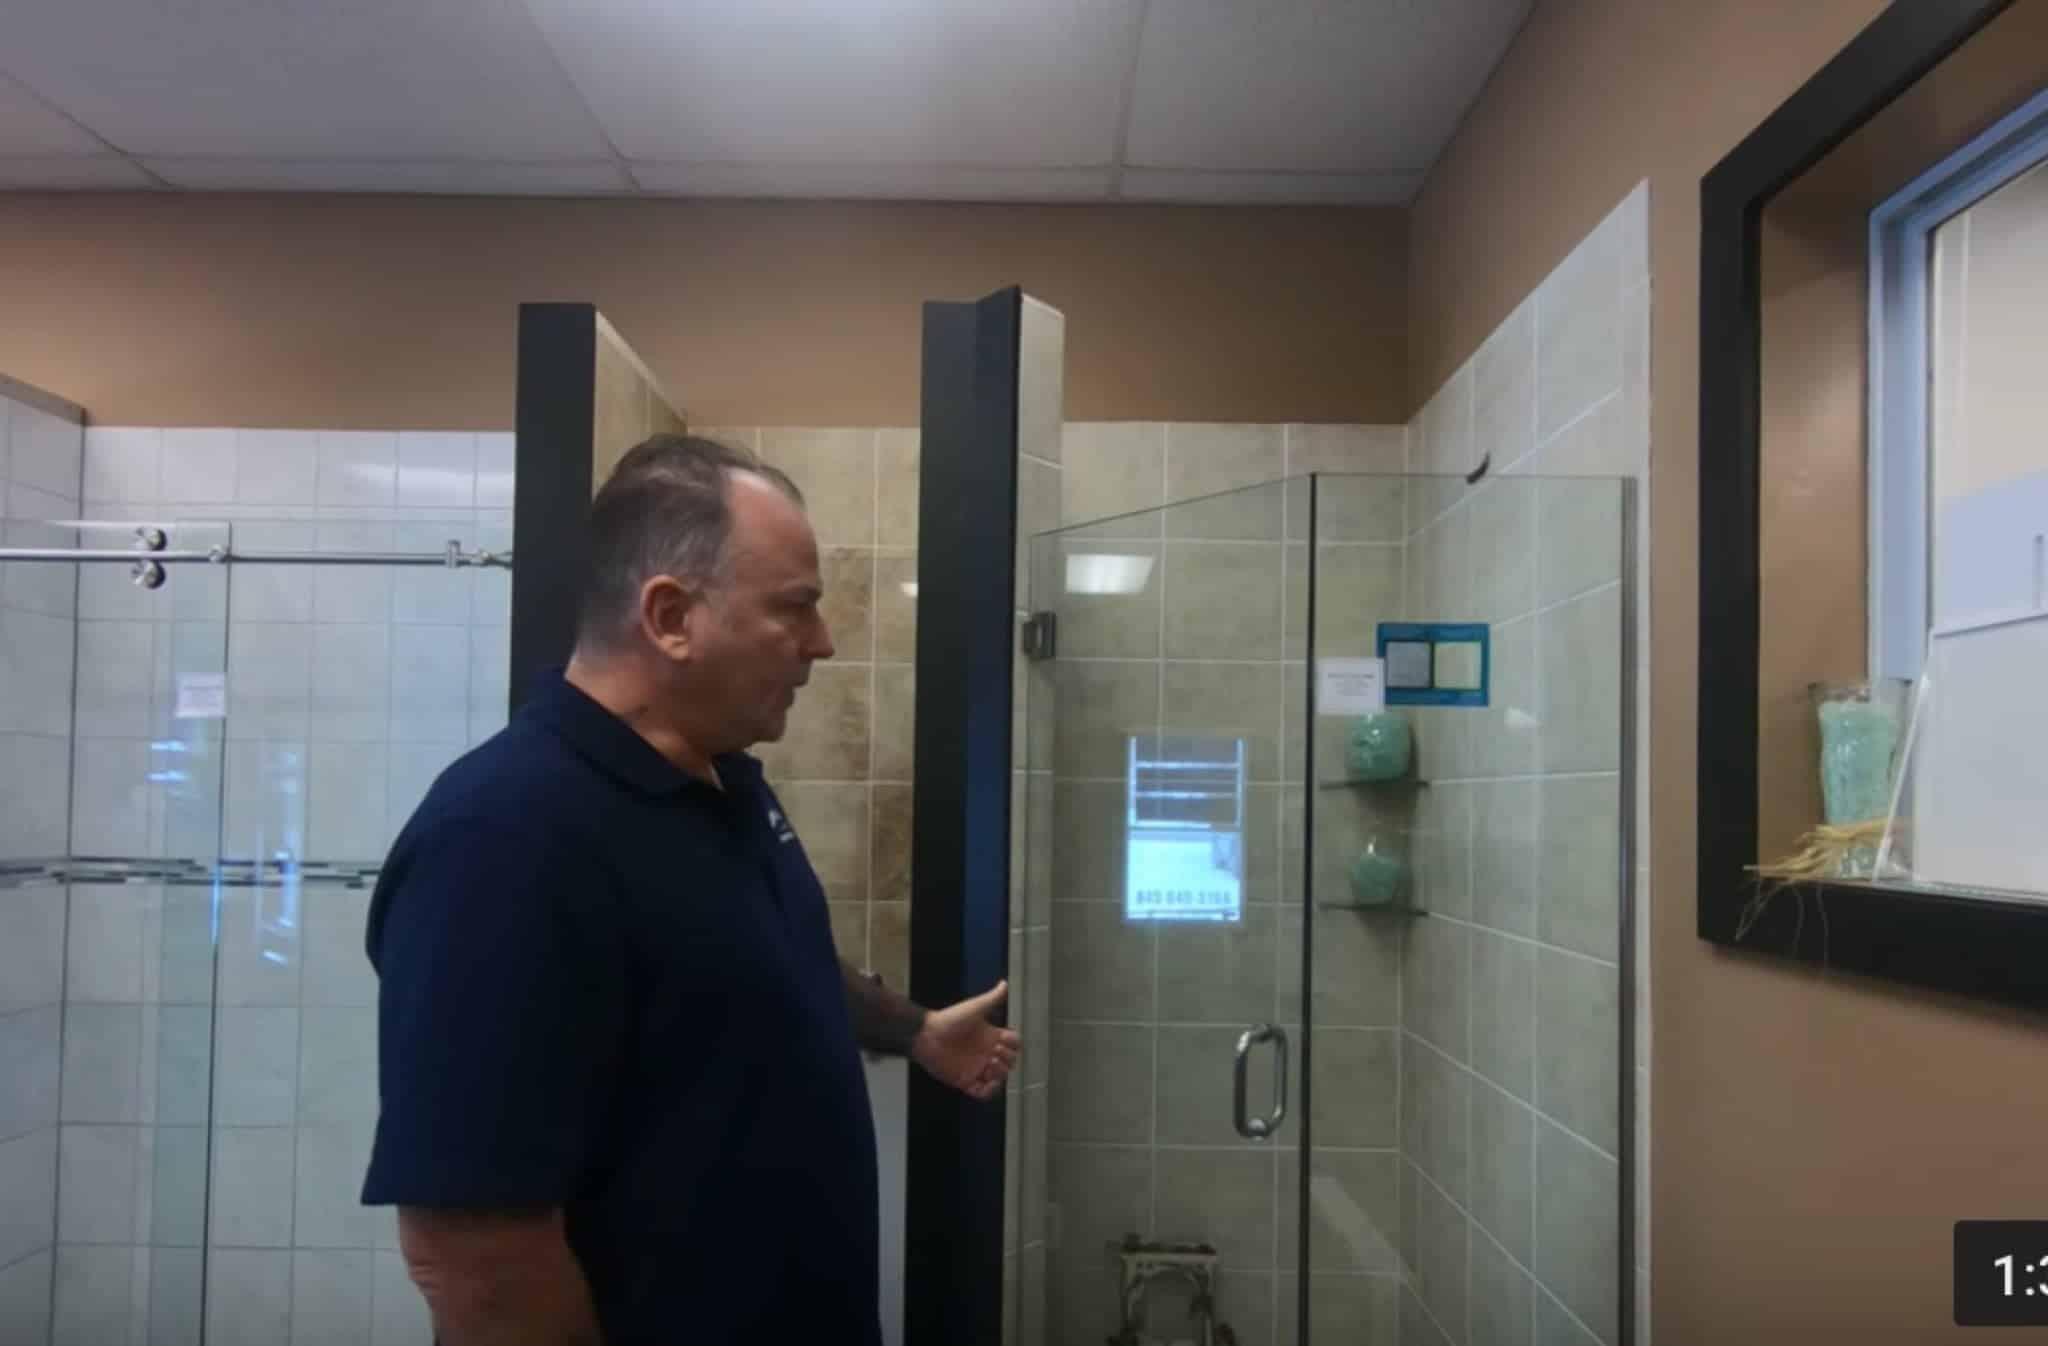 7) Shower Door Tile selection, glass tiles around shower door area ...